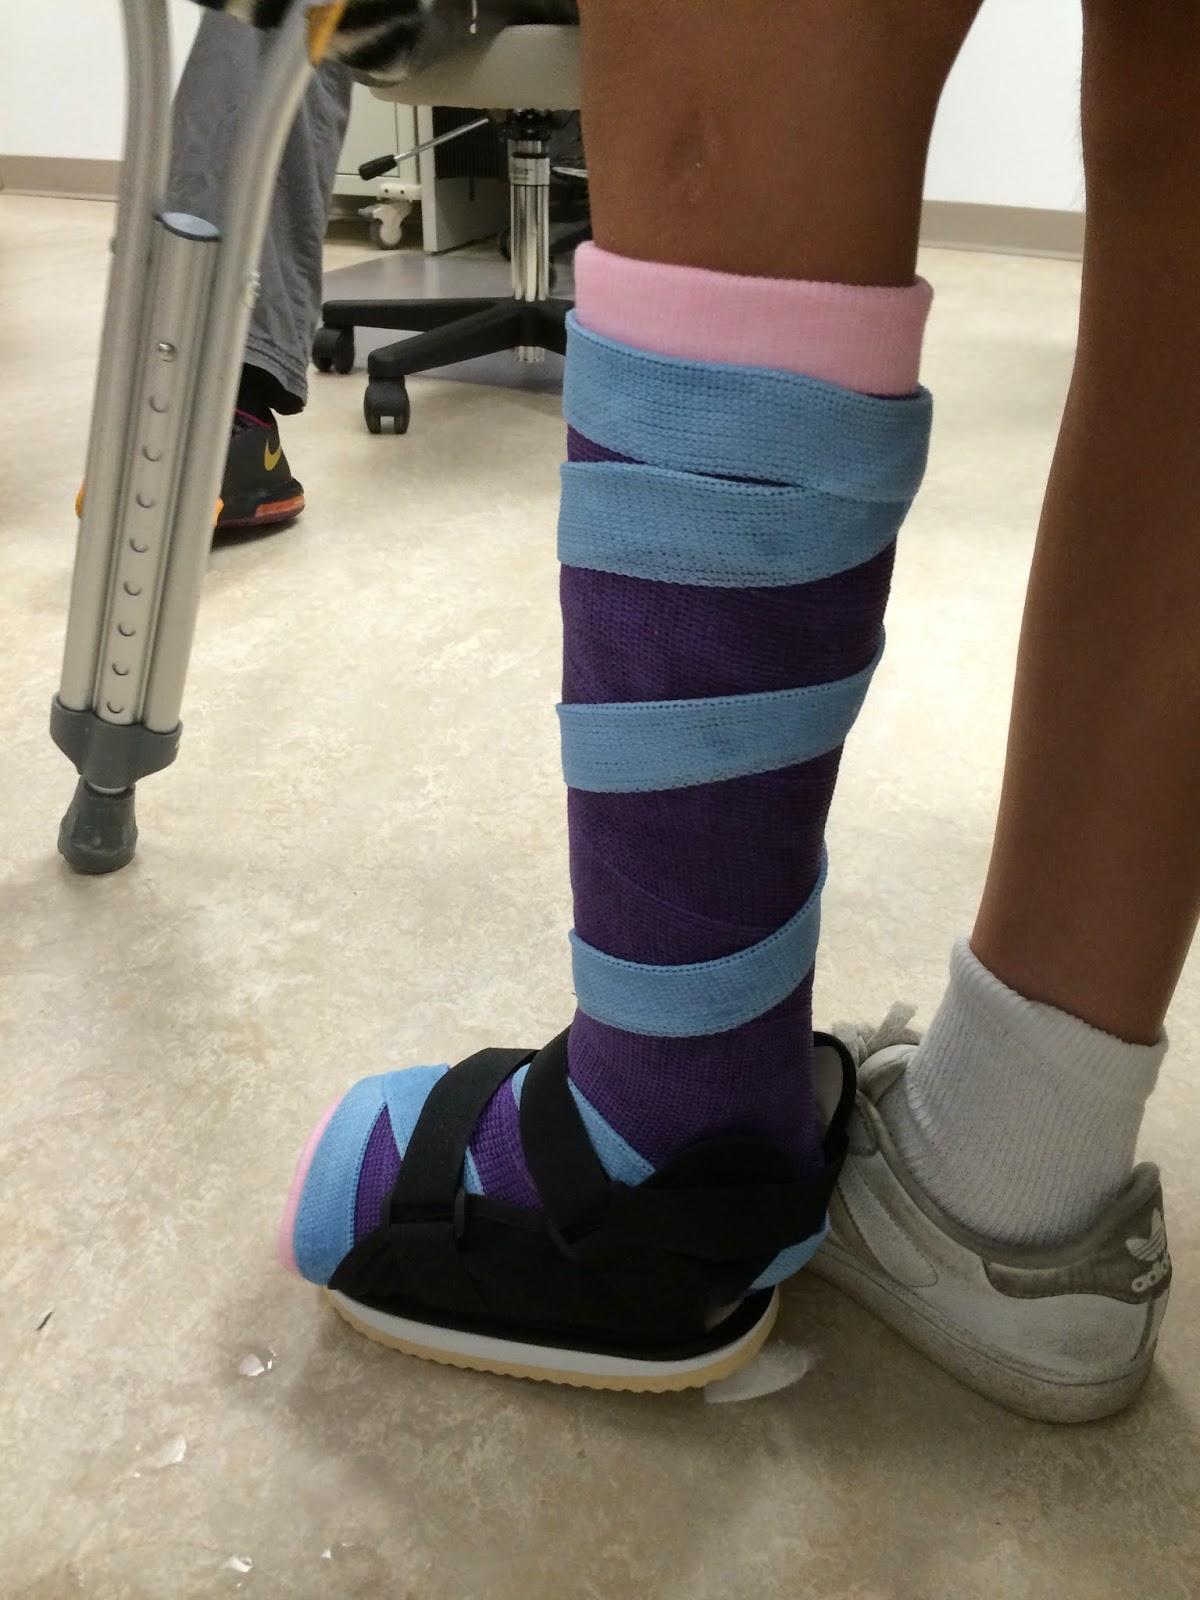 fibular hemimelia leg lengthening pin removal and walking